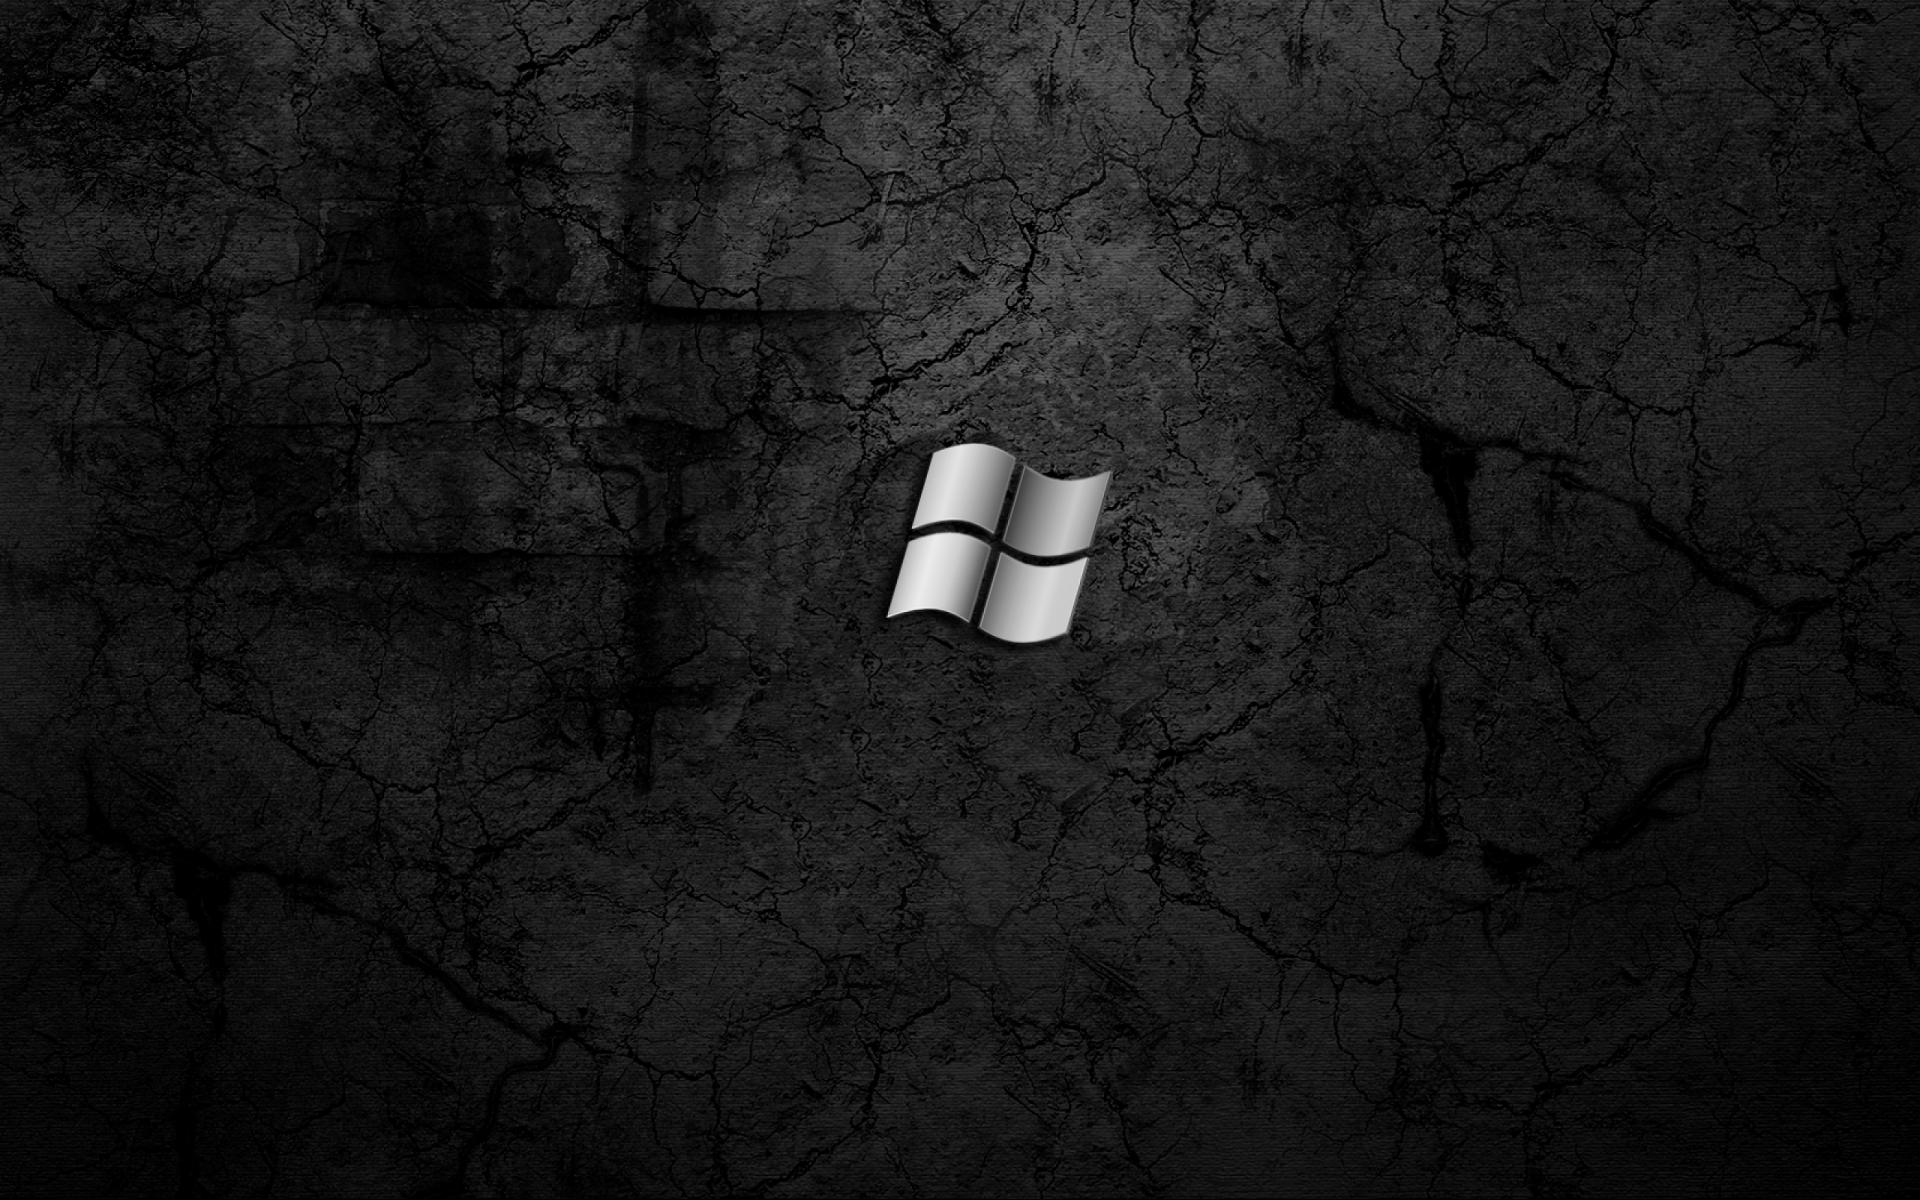 技术 - Windows  壁纸